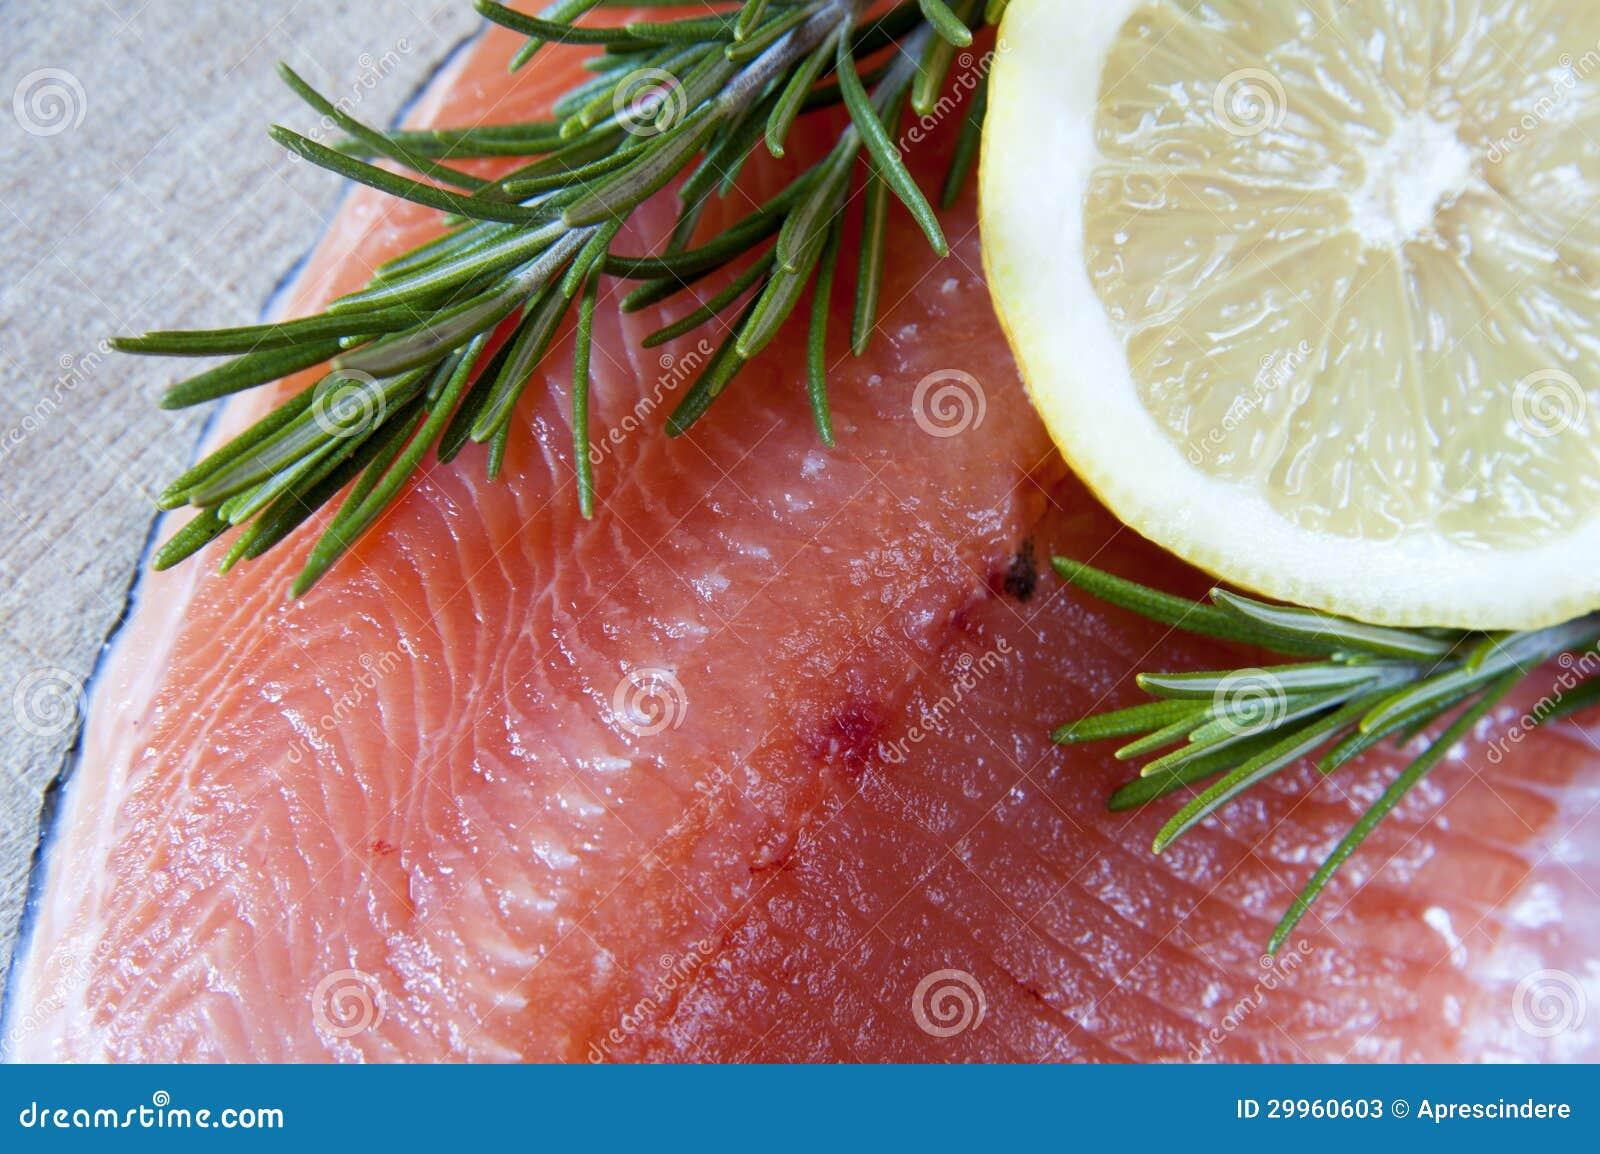 Fresh salmon and lemon